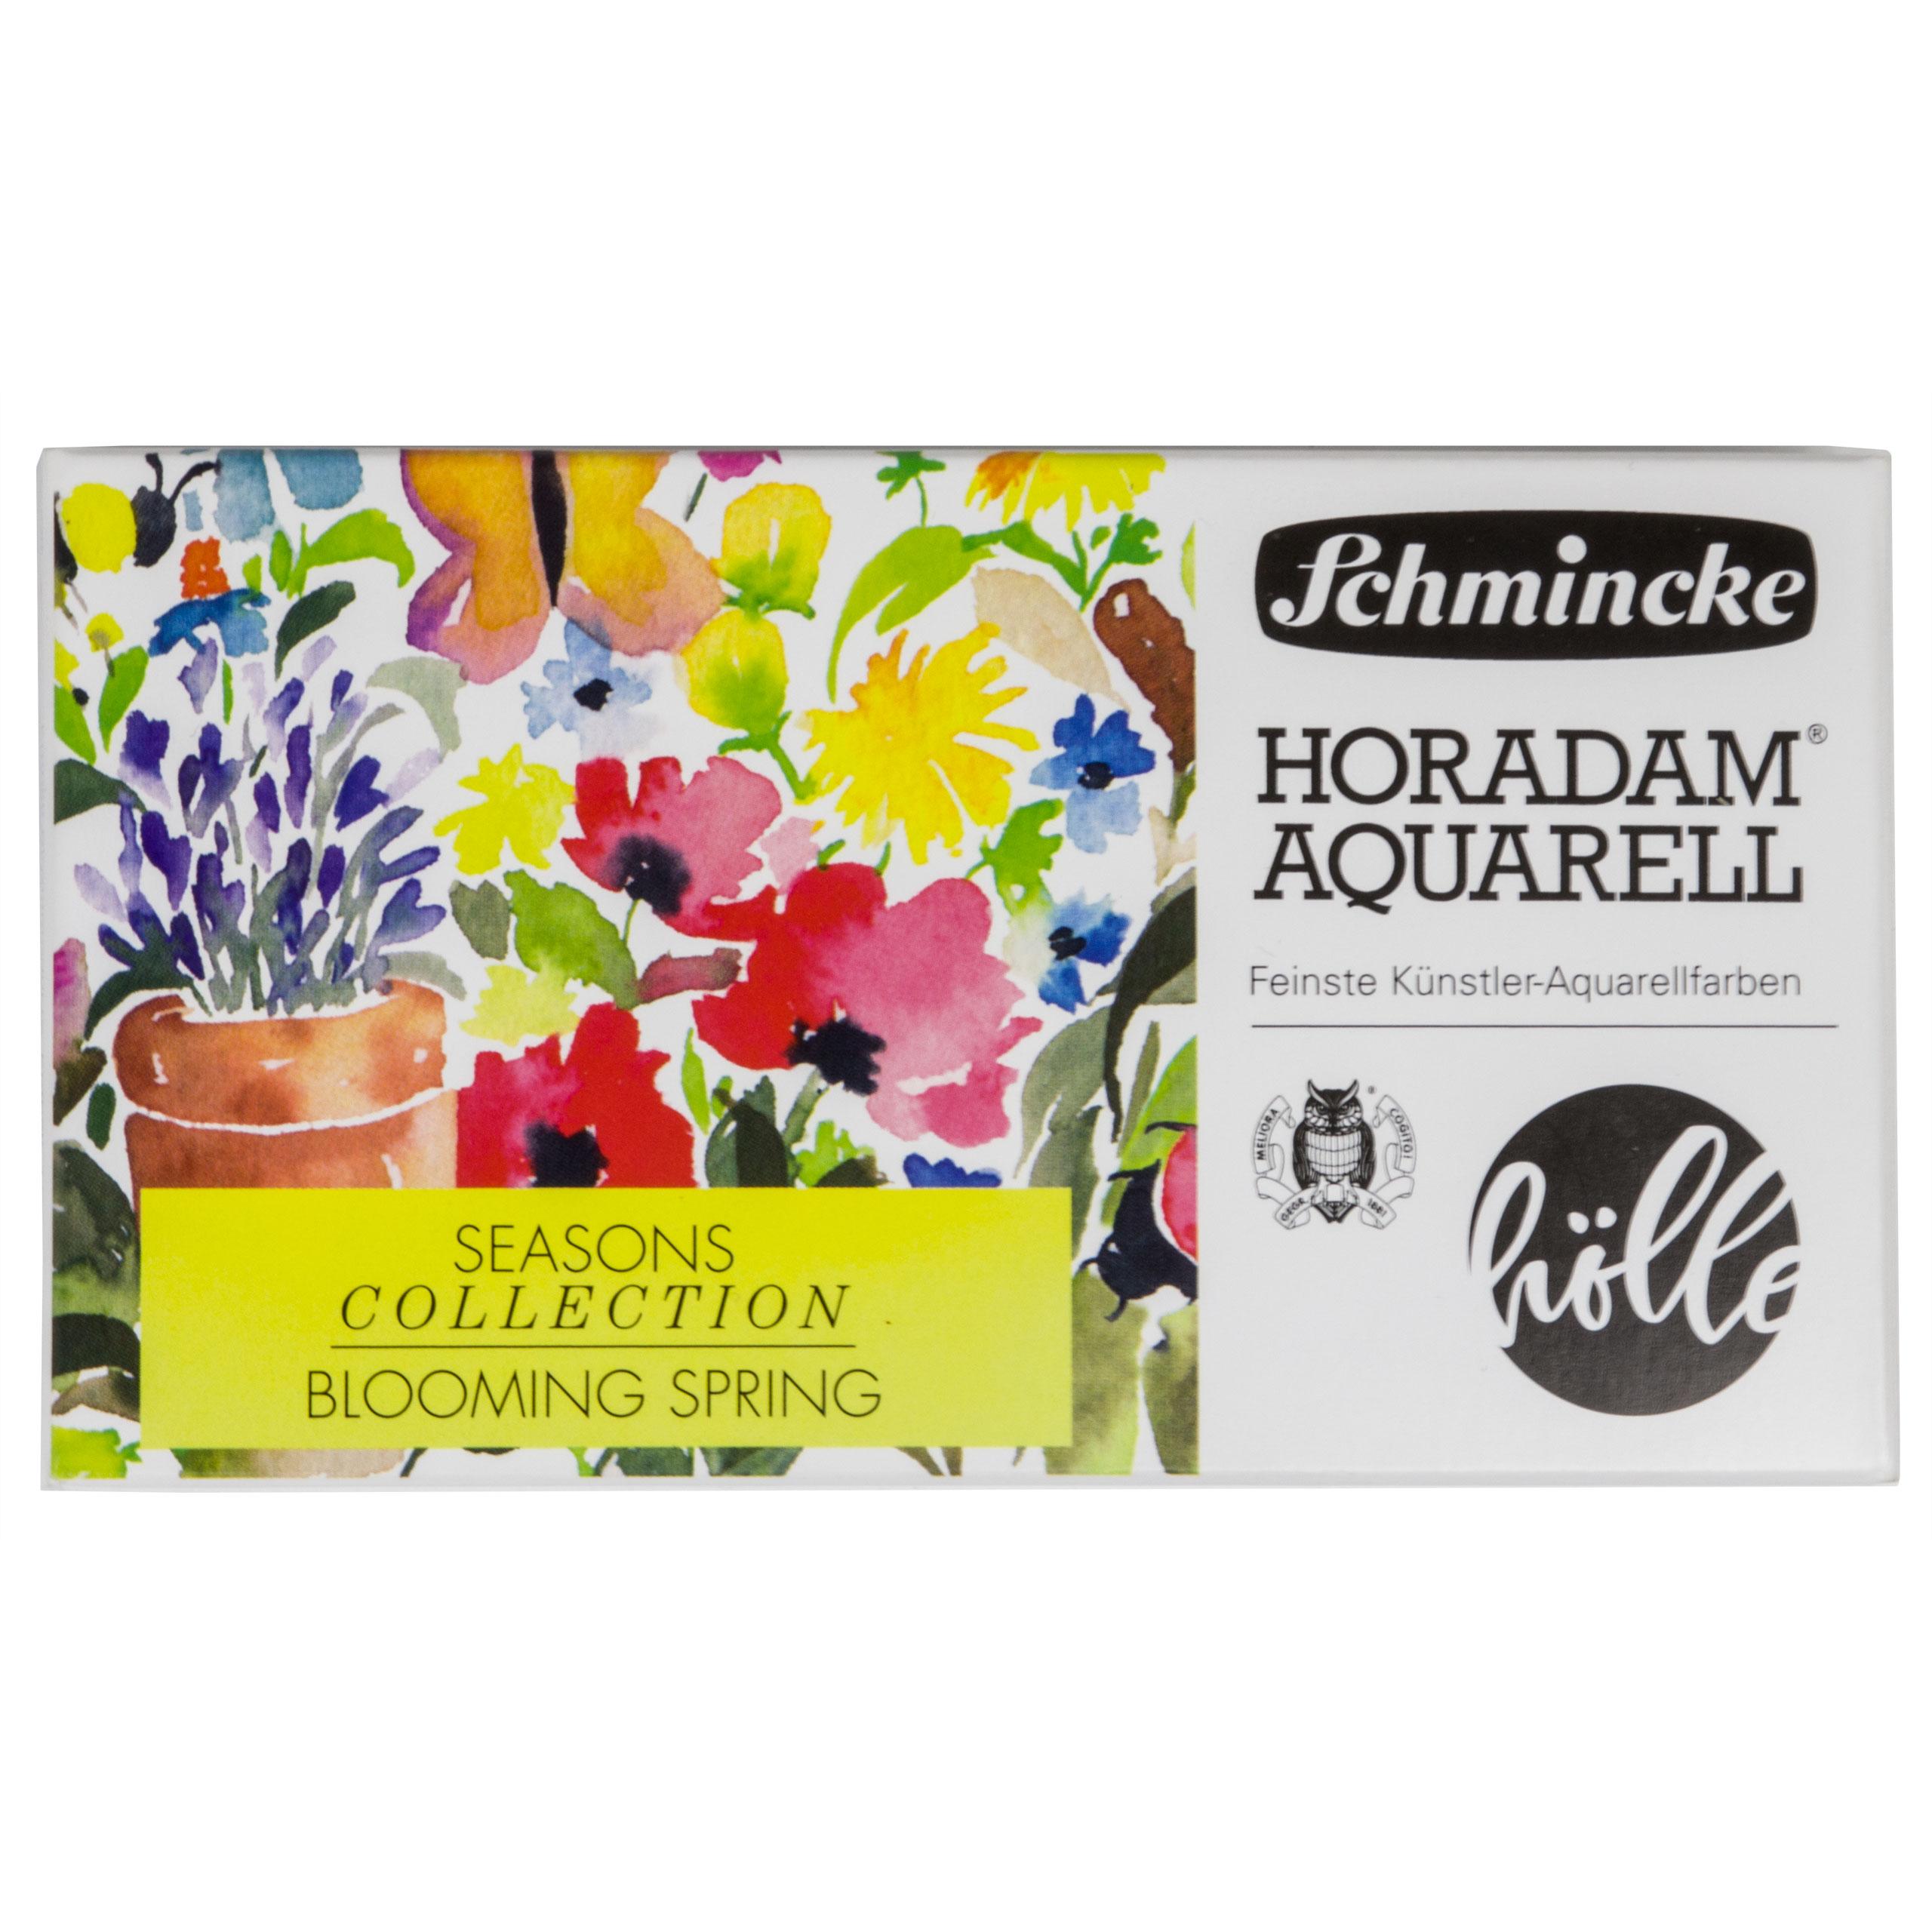 Blooming Spring - Horadam Metallkasten Frau Hölle Edition Schmincke 74 837 097